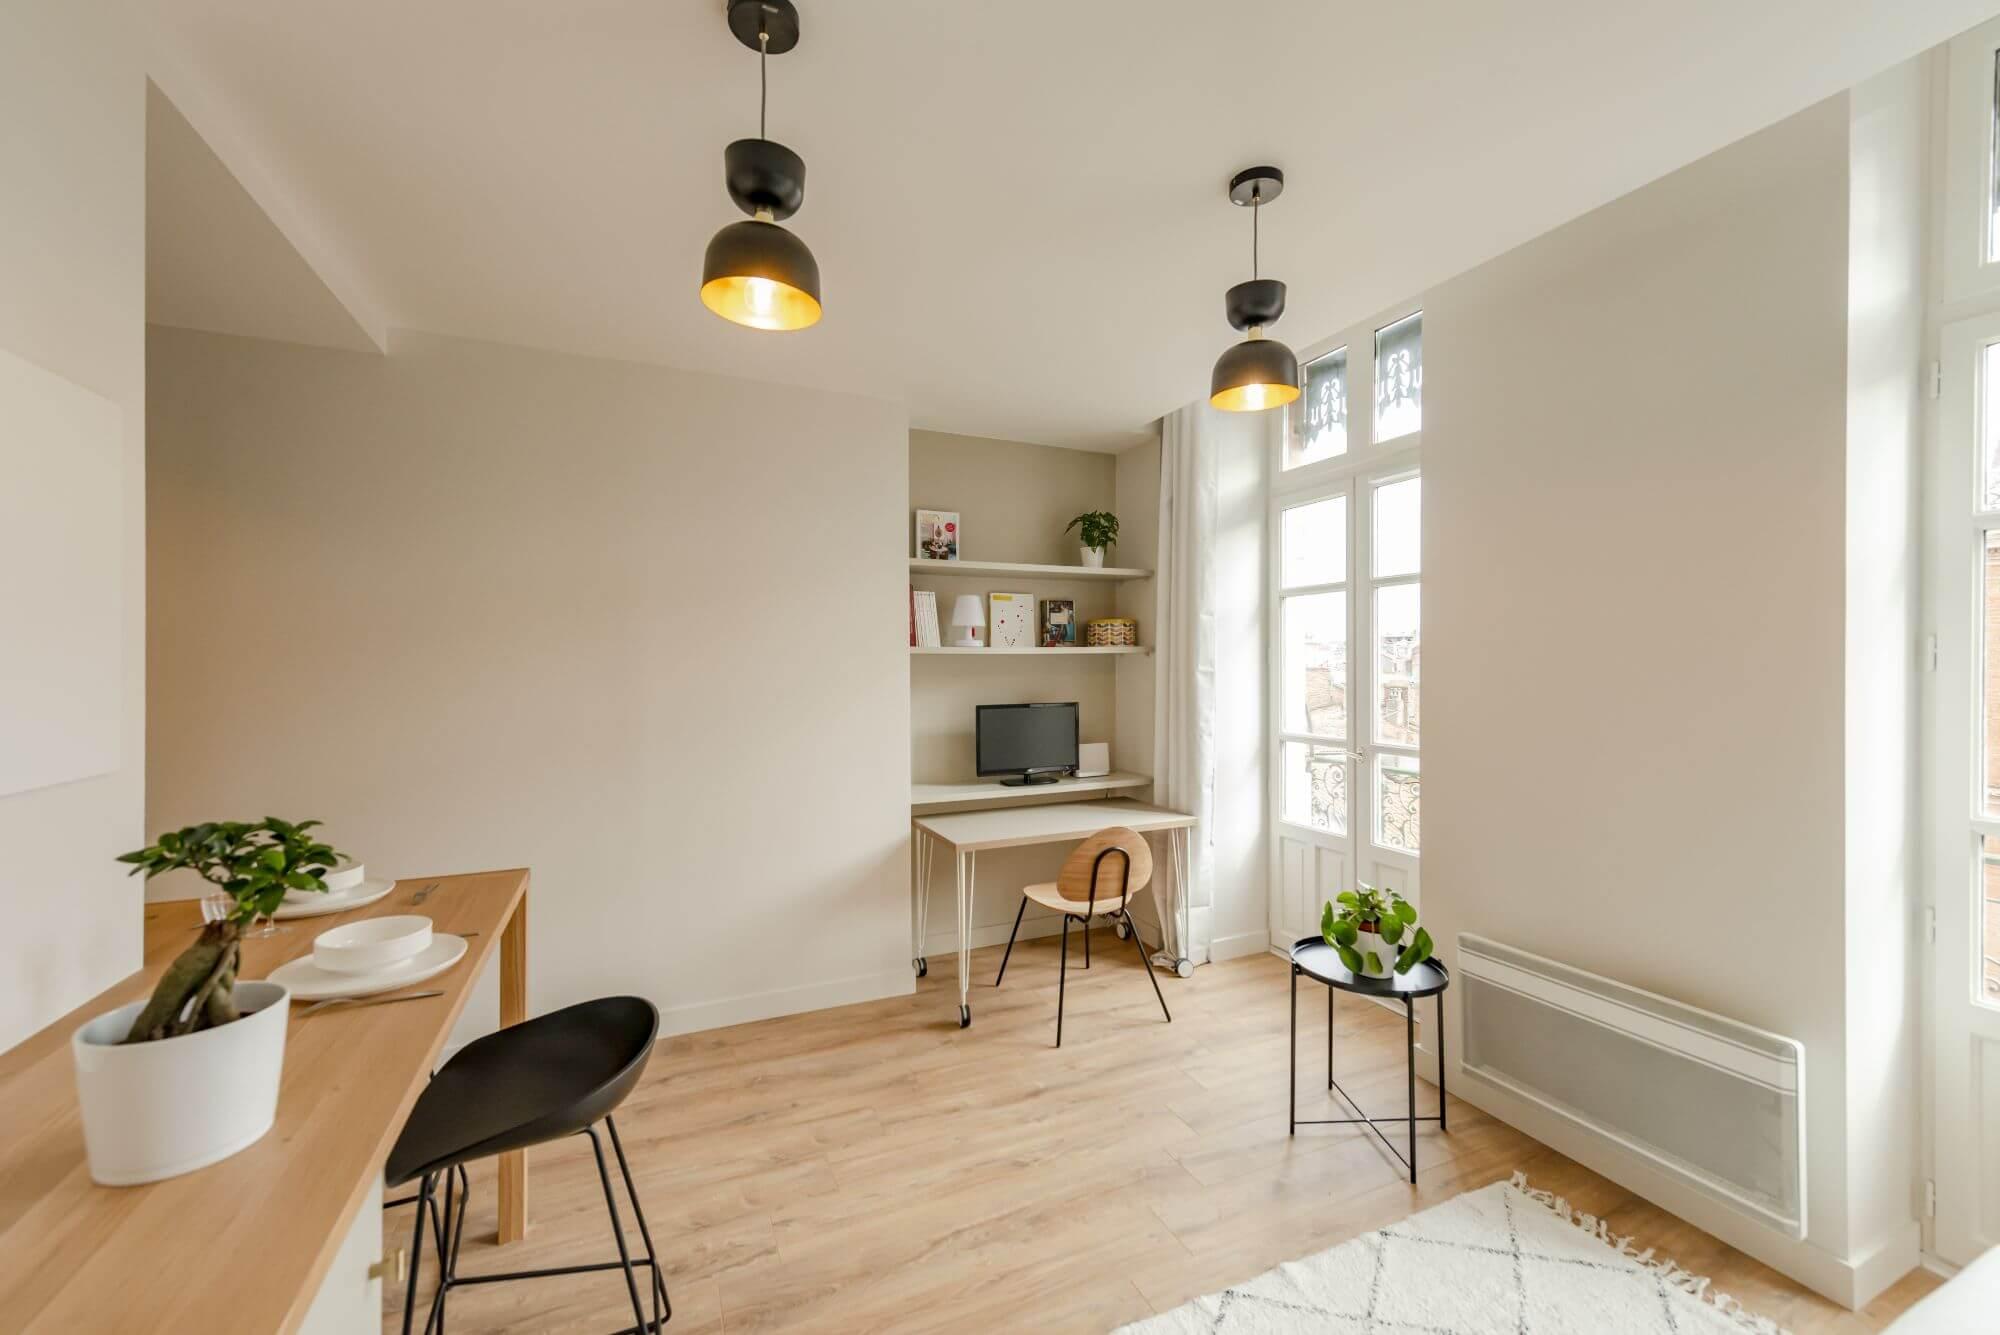 Bureau, Salon, Clic Clac, Rénovation, Archi intérieur